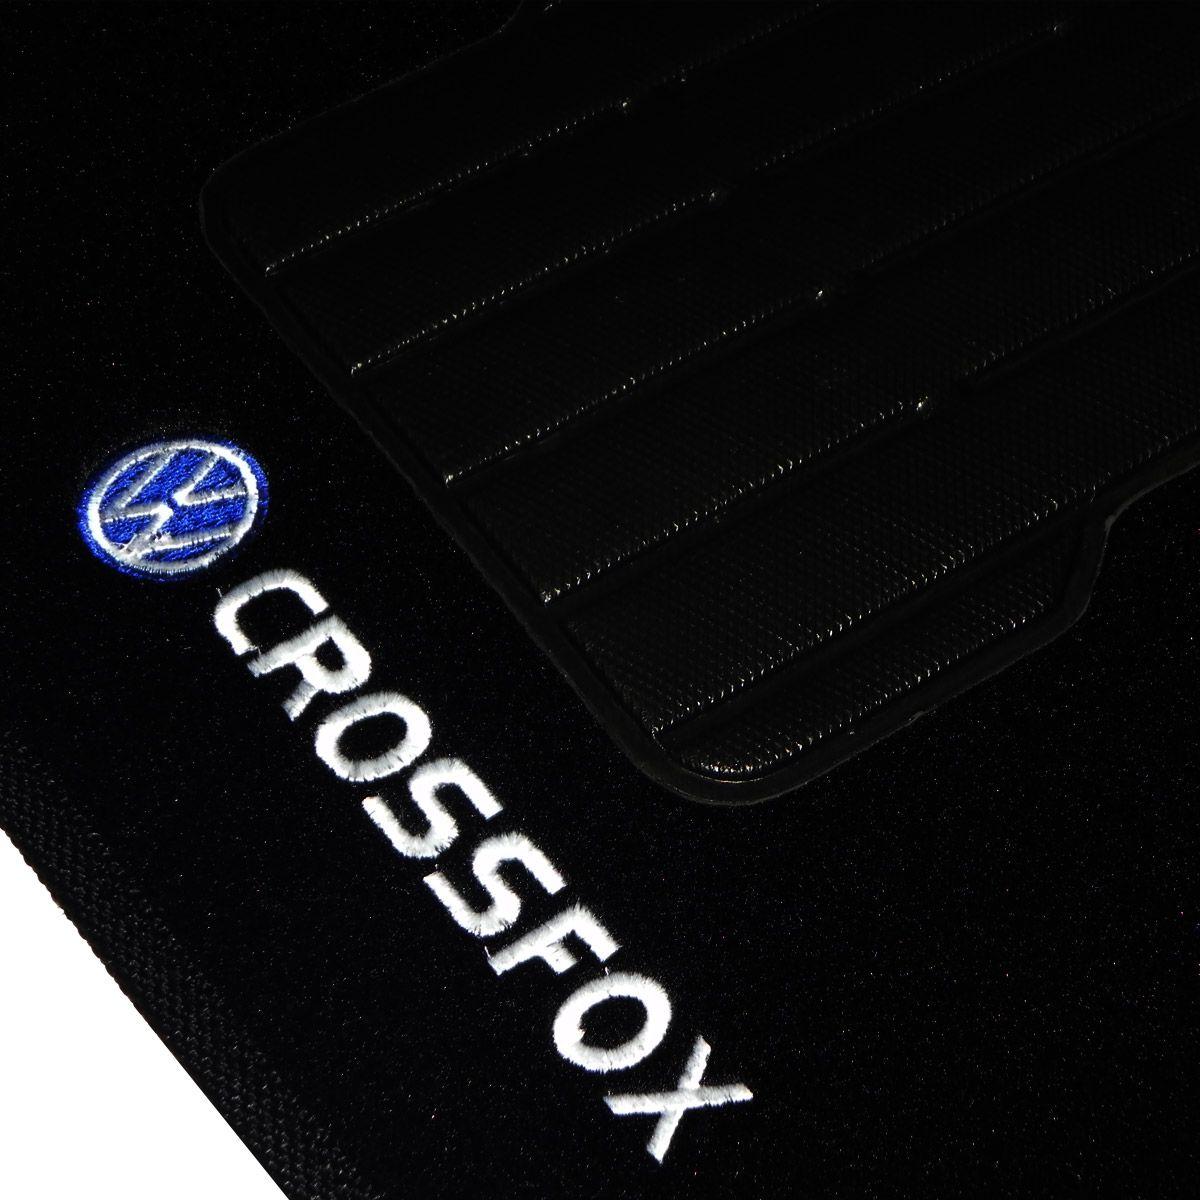 Jogo tapete carpete Crossfox 2004 até 2013 com bordado (5 peças) e base pinada